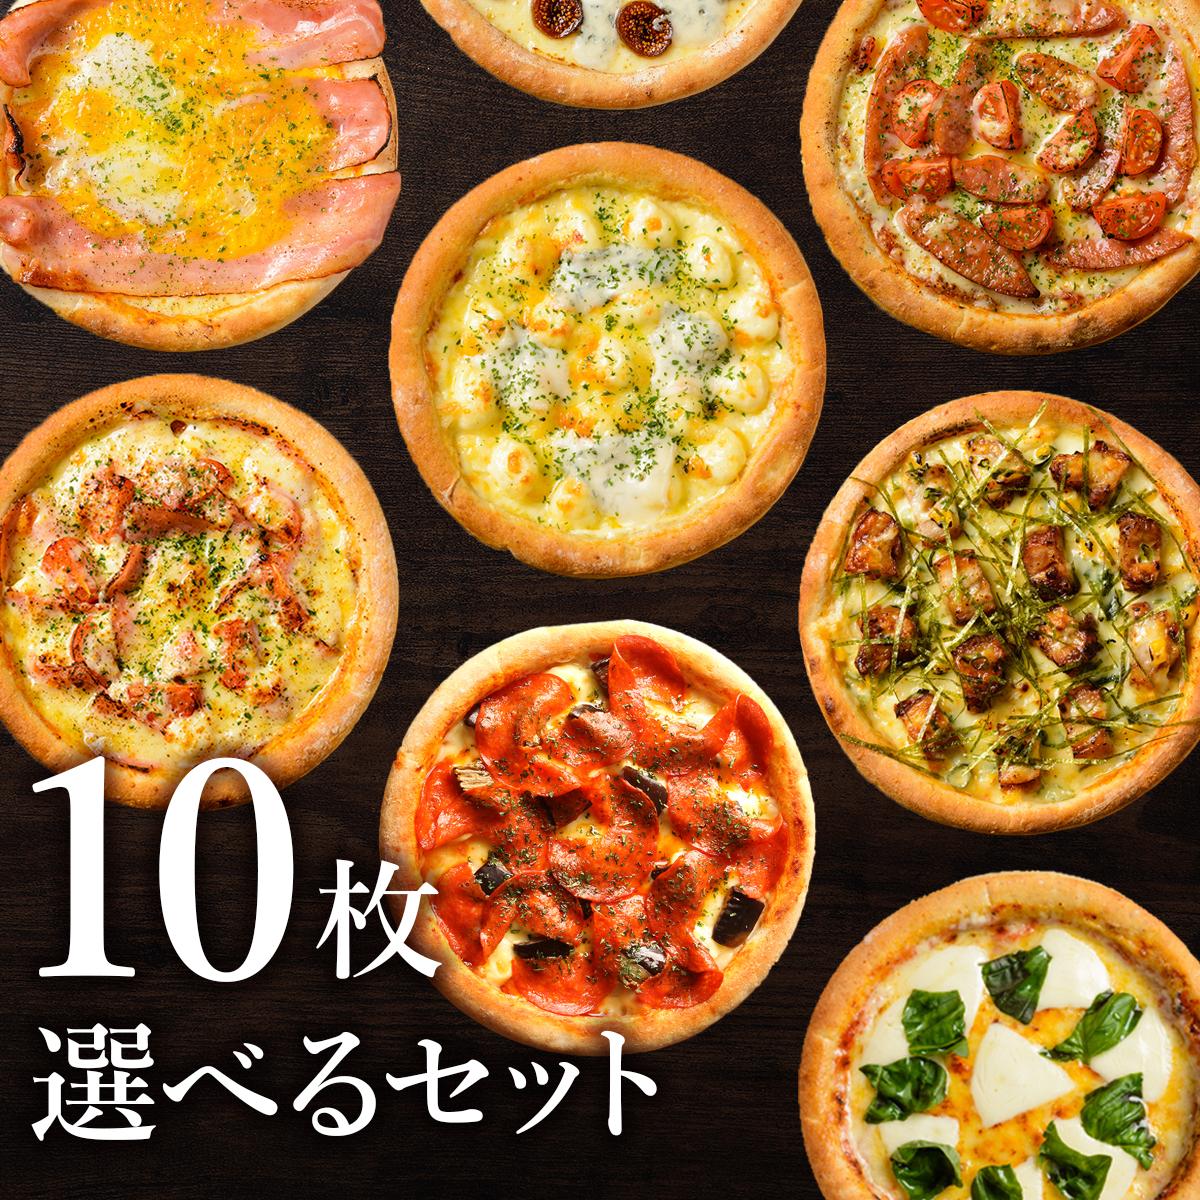 ピザ冷凍 / 送料無料!選べるピザ10枚セット (マルゲリータ、シーフードピザ、チーズピザ、ビスマルク他)/ さっぱりチーズ・ライ麦全粒粉ブレンド生地・直径役20cm